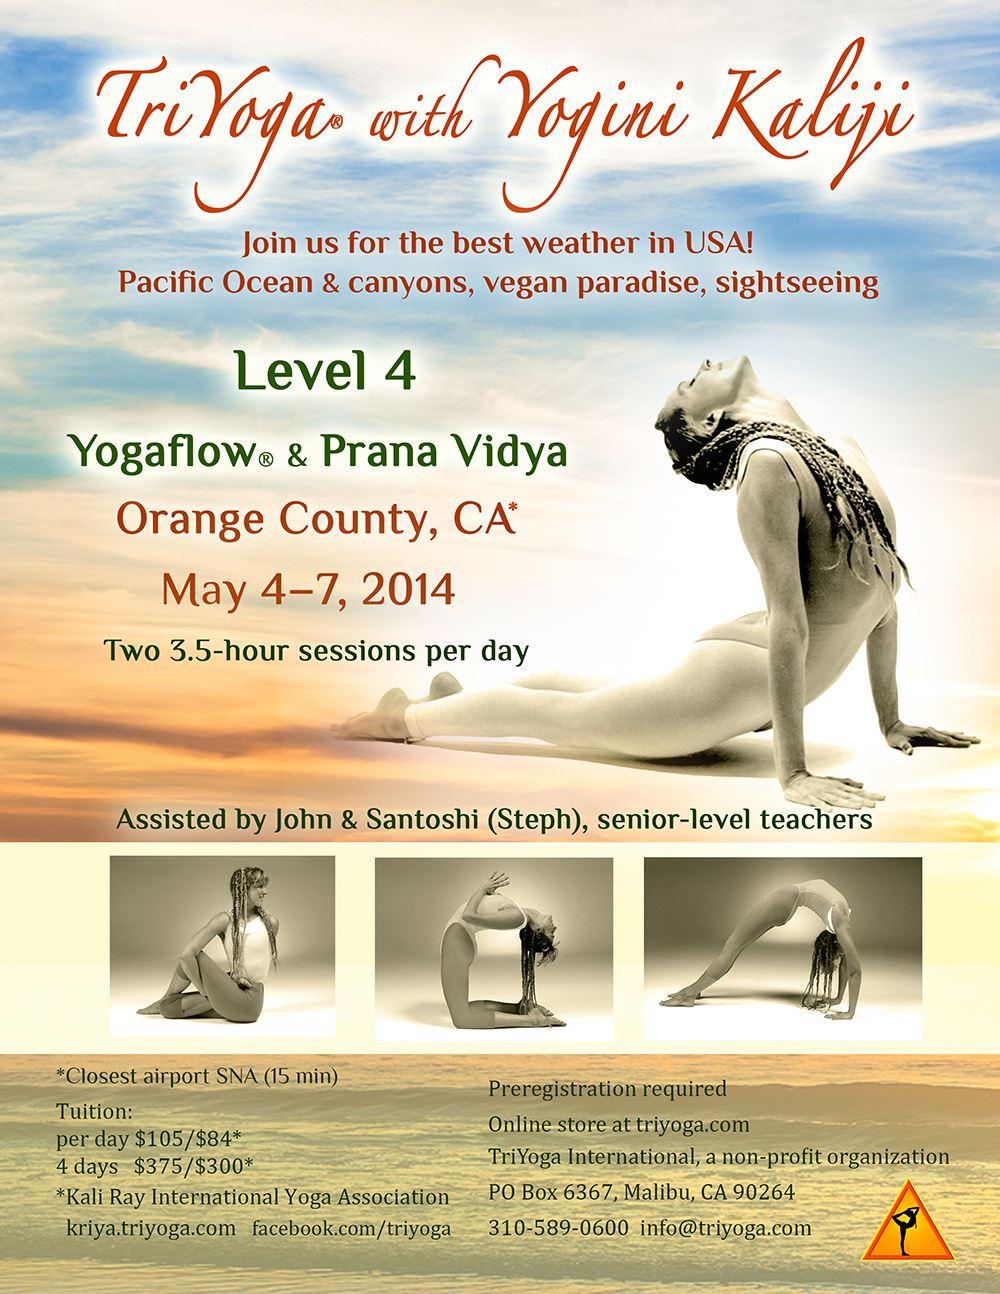 Yogaflow Level 4 with Yogini Kaliji